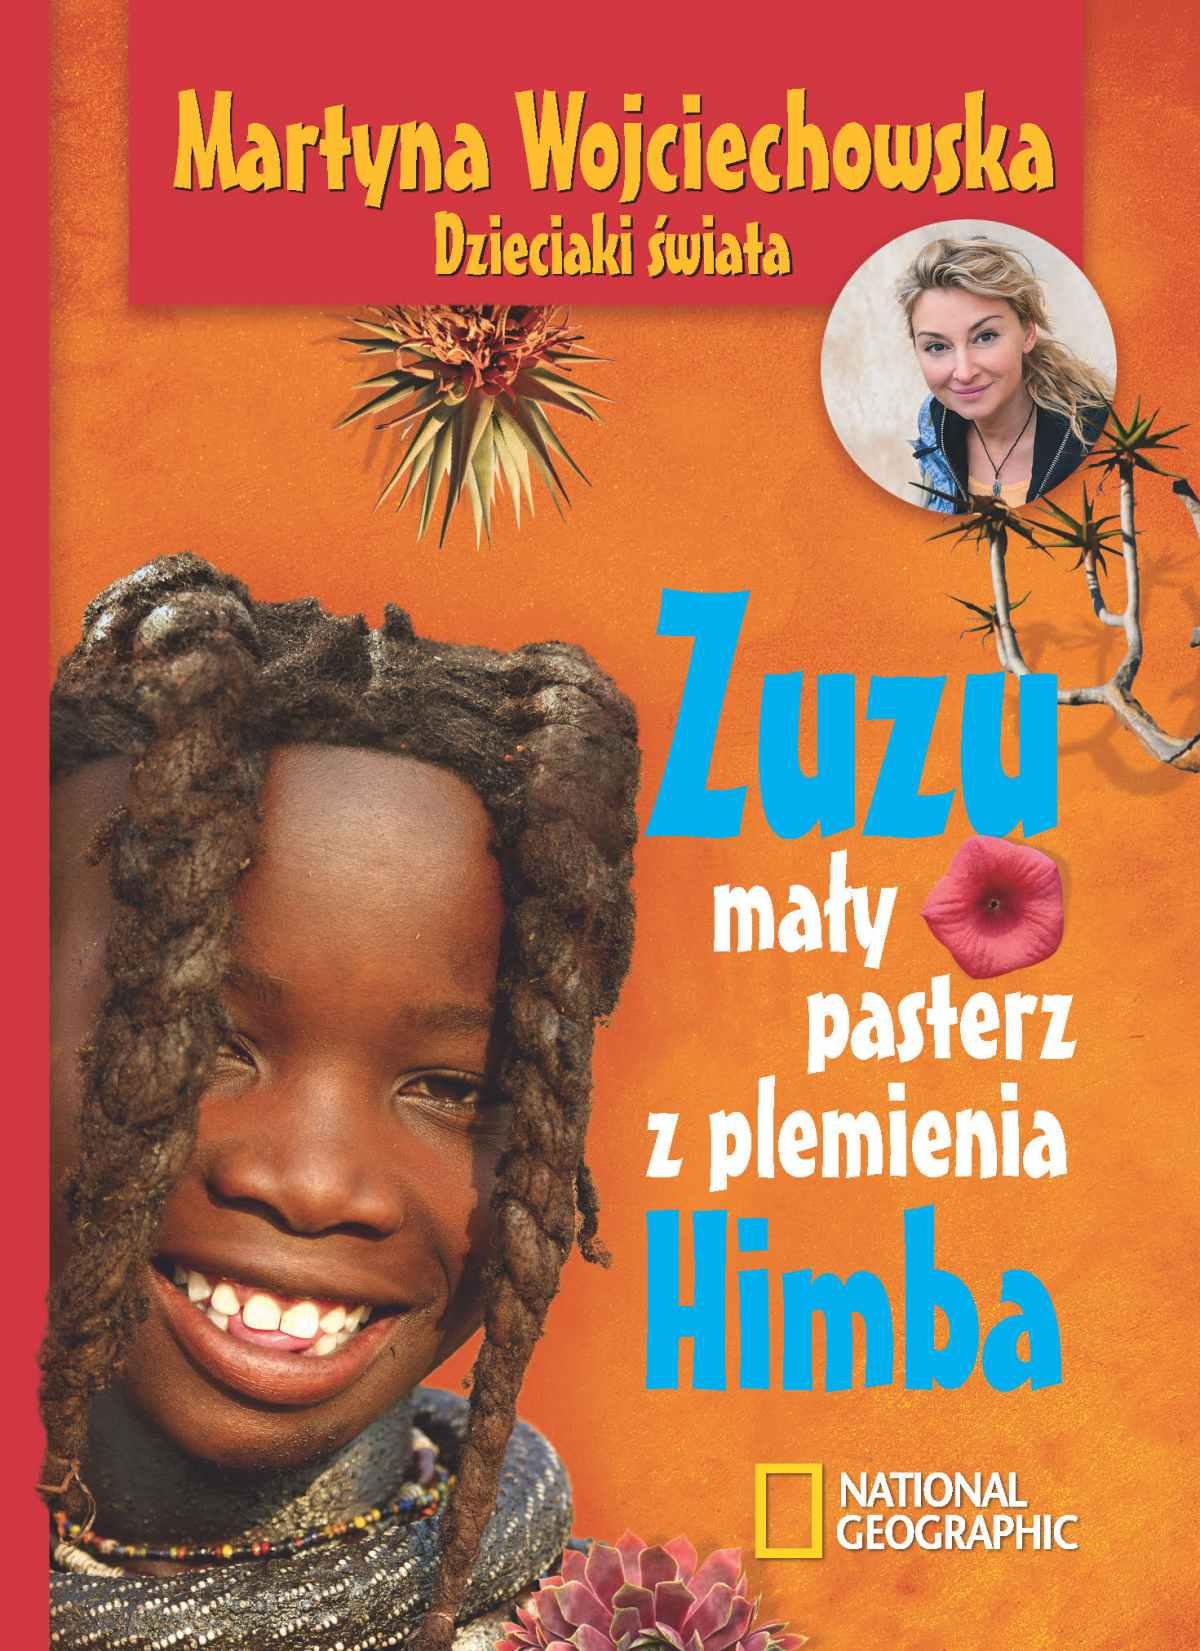 Zuzu, mały pasterz z plemienia Himba - Ebook (Książka EPUB) do pobrania w formacie EPUB